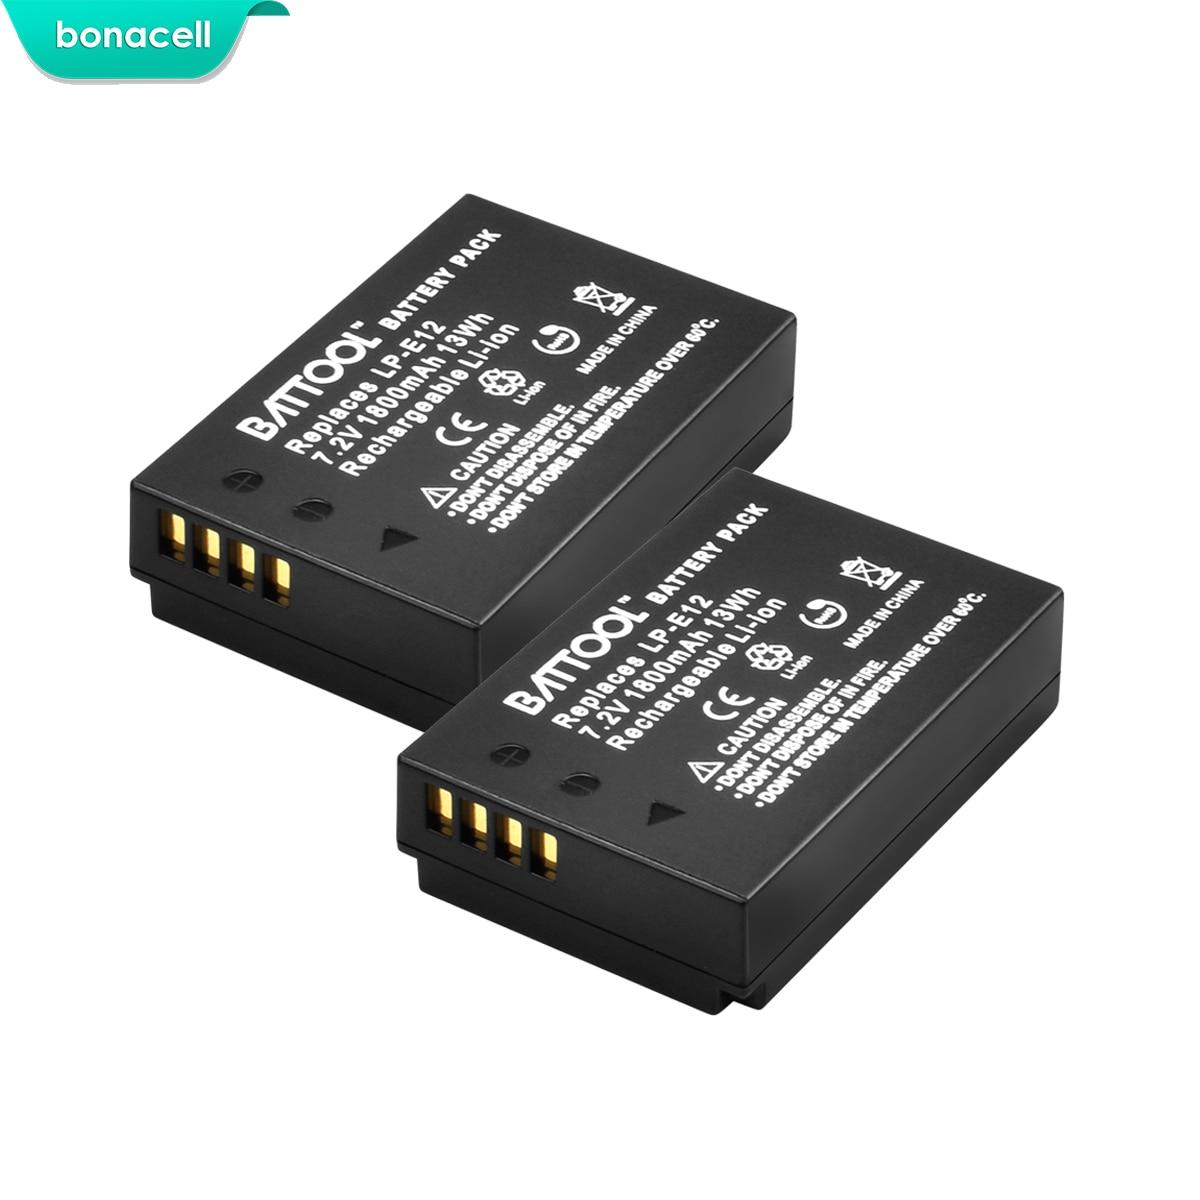 Bonacell 1800mAh LP-E12 LPE12 LP E12 Camera Battery For Canon EOS M10 Kiss X7 Rebel SL1 EOS 100D DSLR Battery L10